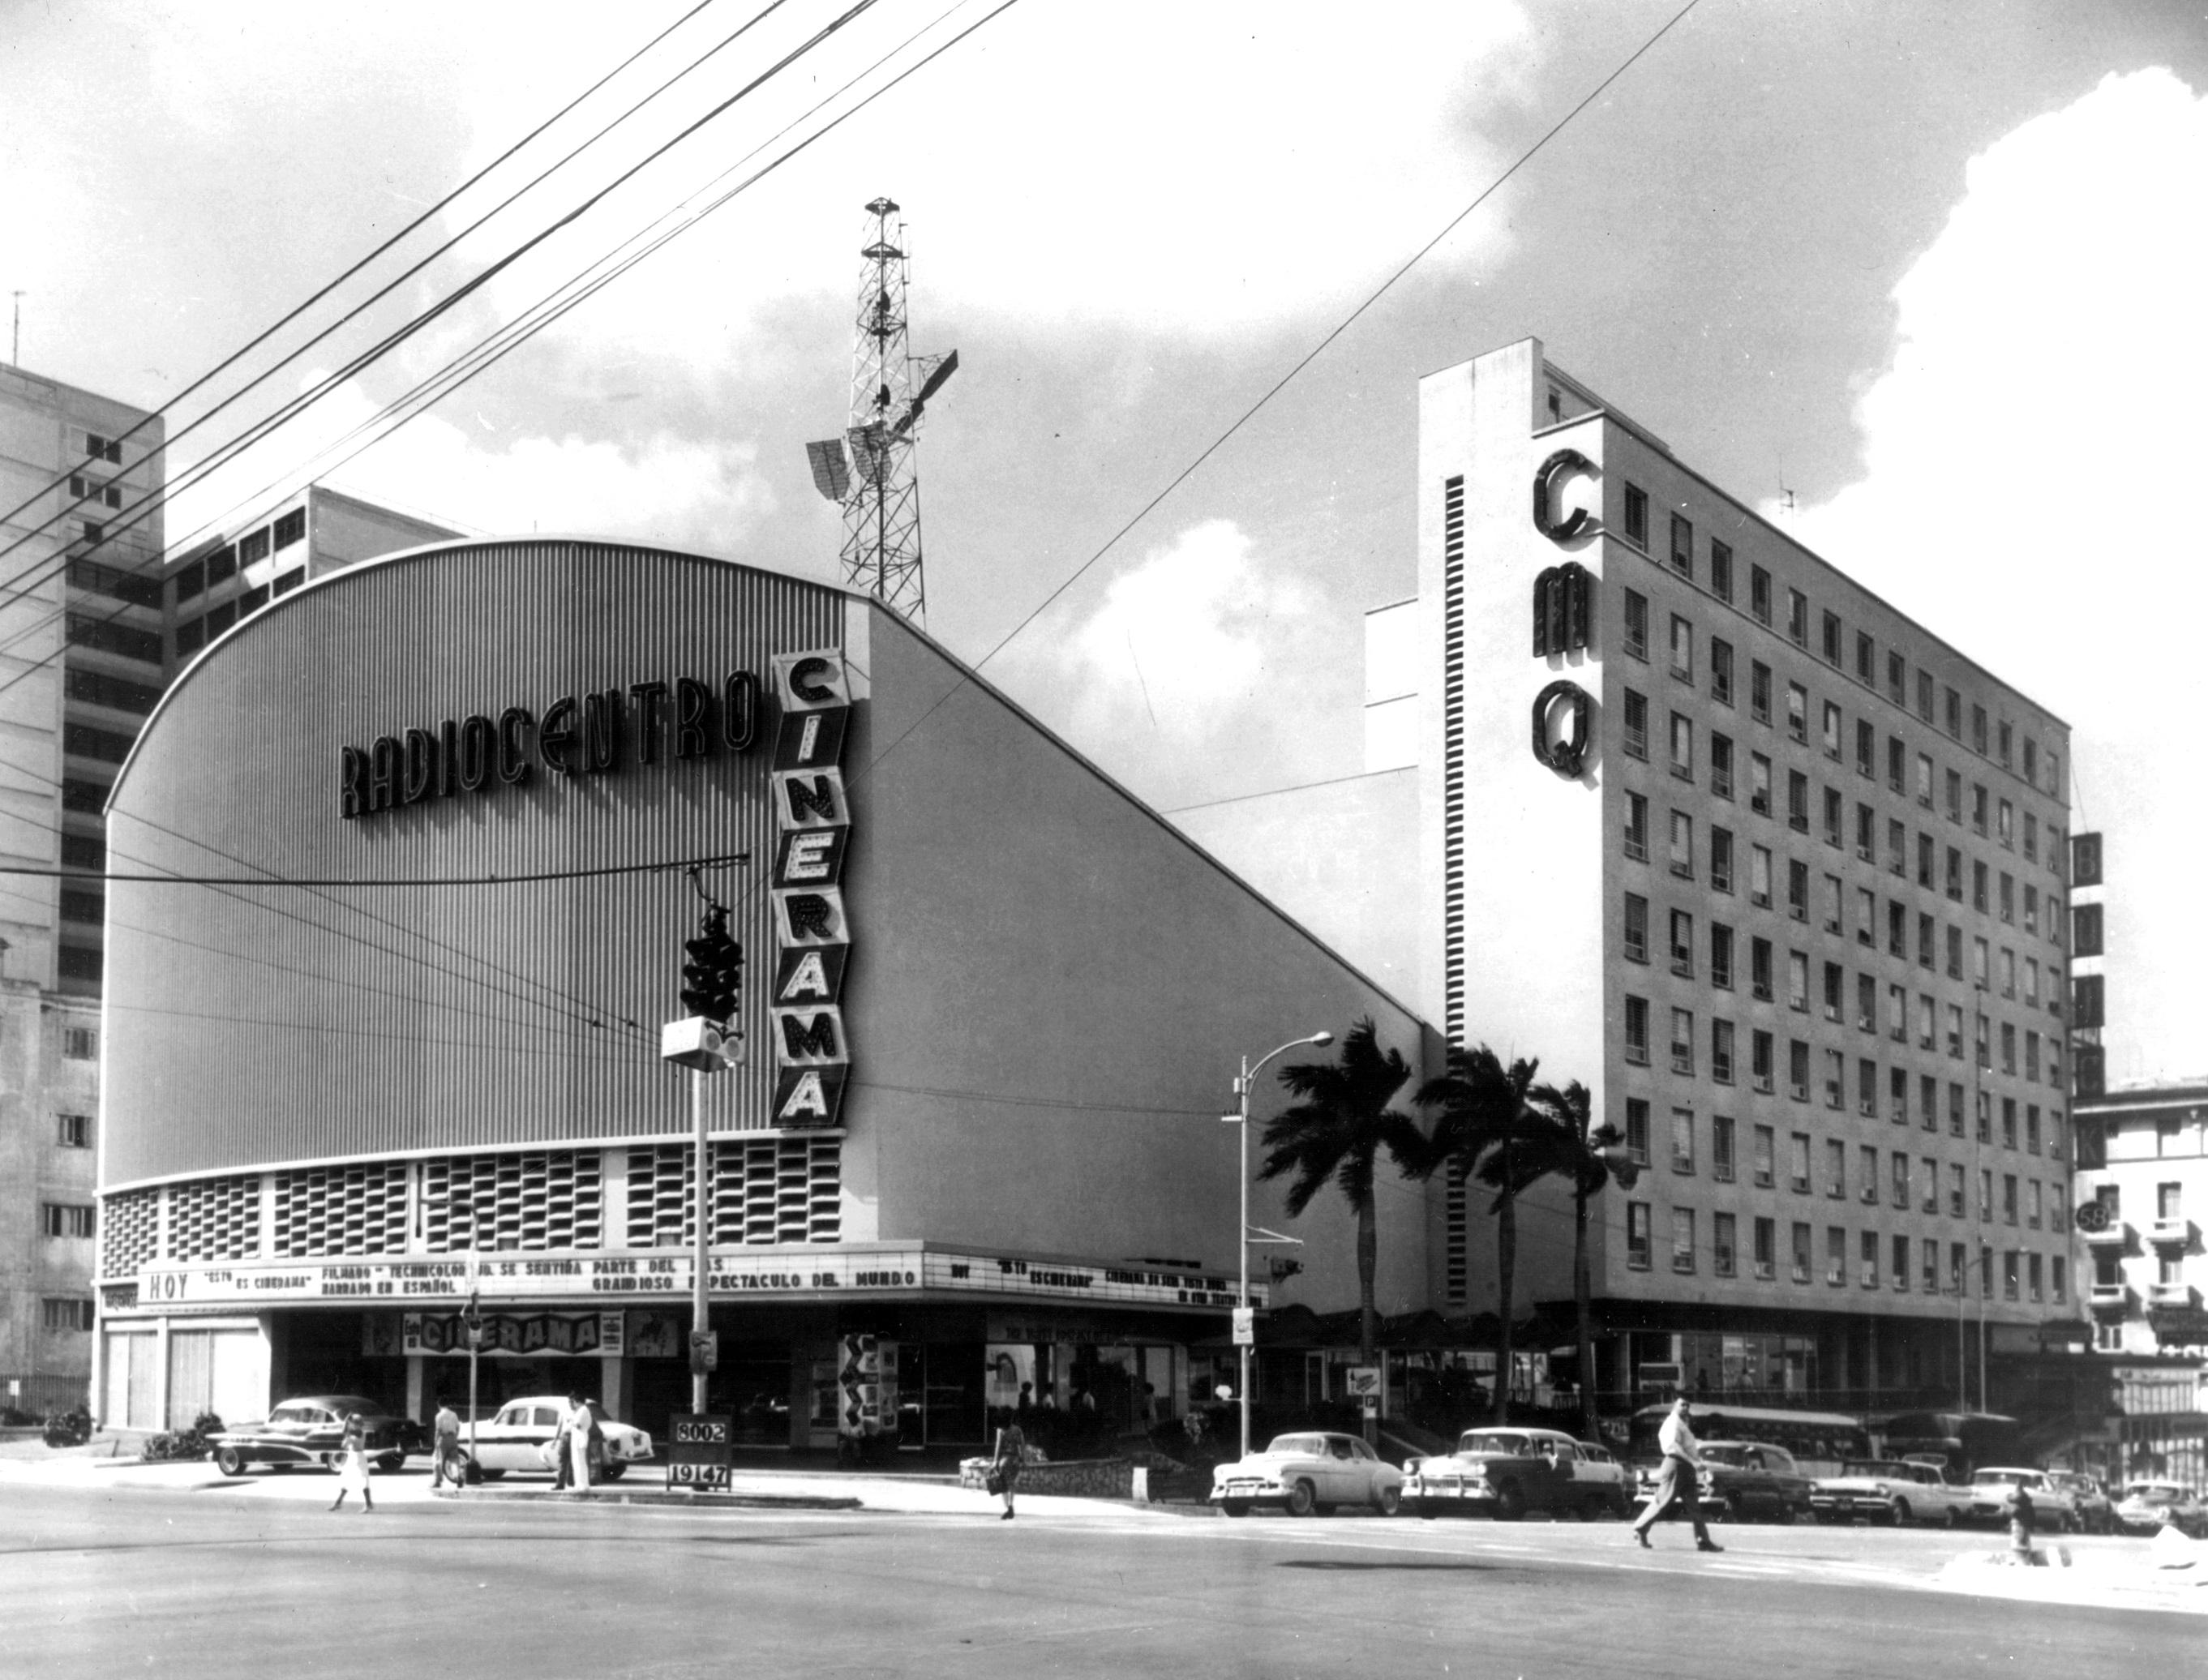 Emilio del Junco, Martín Domínguez y Miguel Gastón. Edificio Radiocentro. La Habana, 1948. Archivo Martín Domínguez Esteban. Foto: Cooperativa Fotográfica.